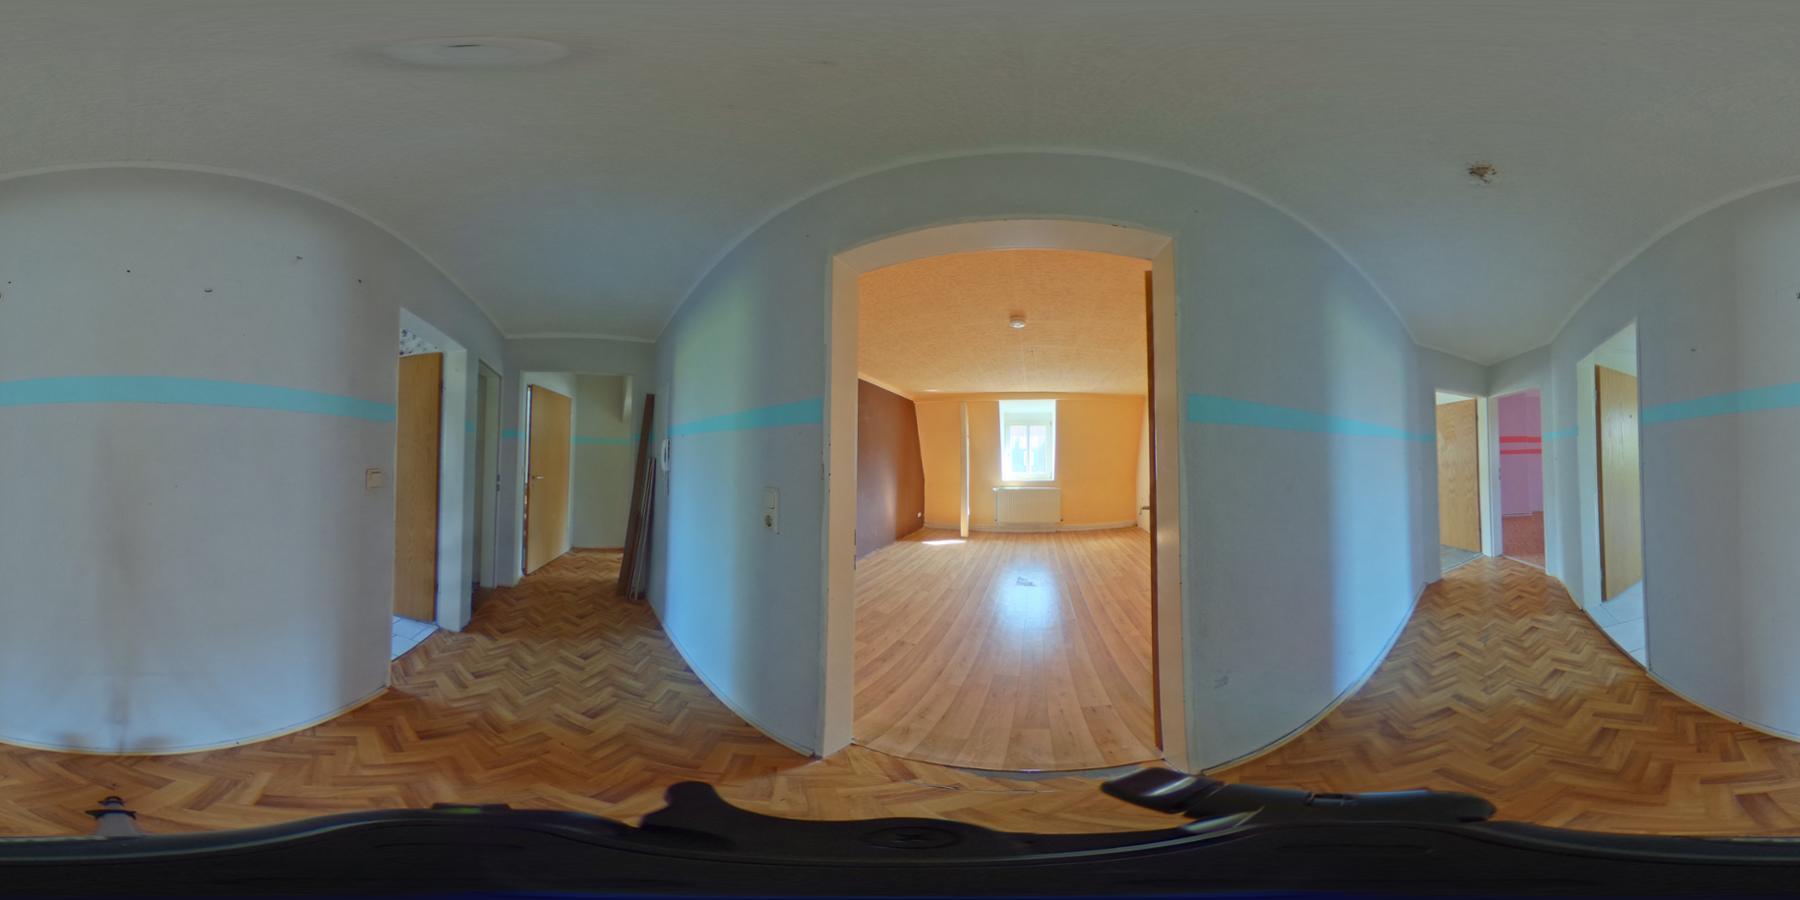 3 Monate mietfrei - dafür renovieren - mit Garten + Balkon - 3OG 360 Grad